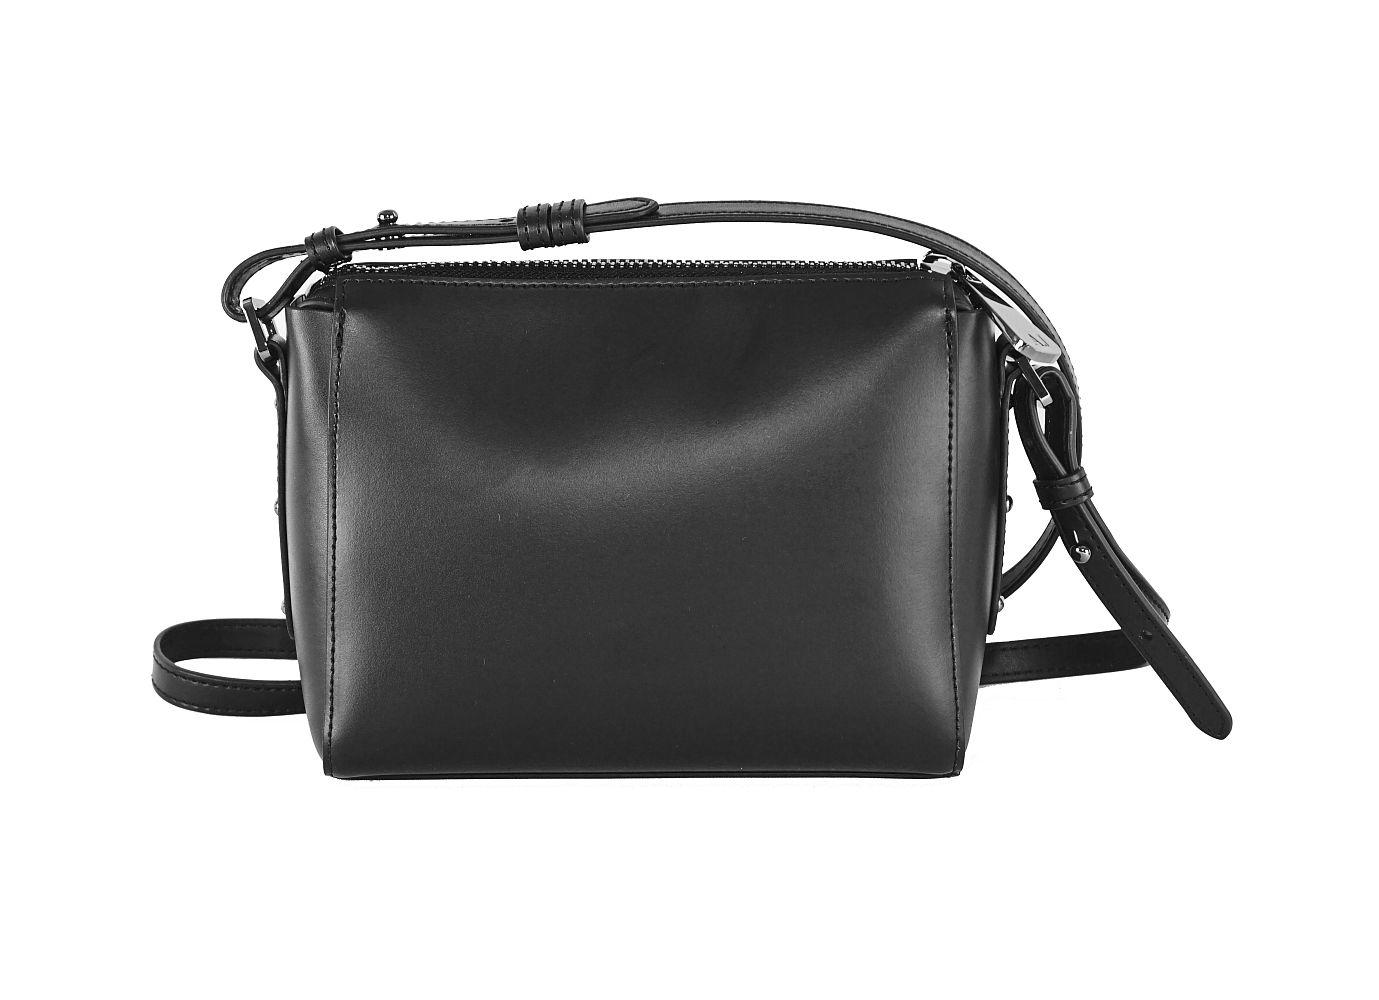 Armani Jeans Tasche Borsa Tracolla Castigla 922176 7P757 00020 Nero Handtasche S17-AJT1